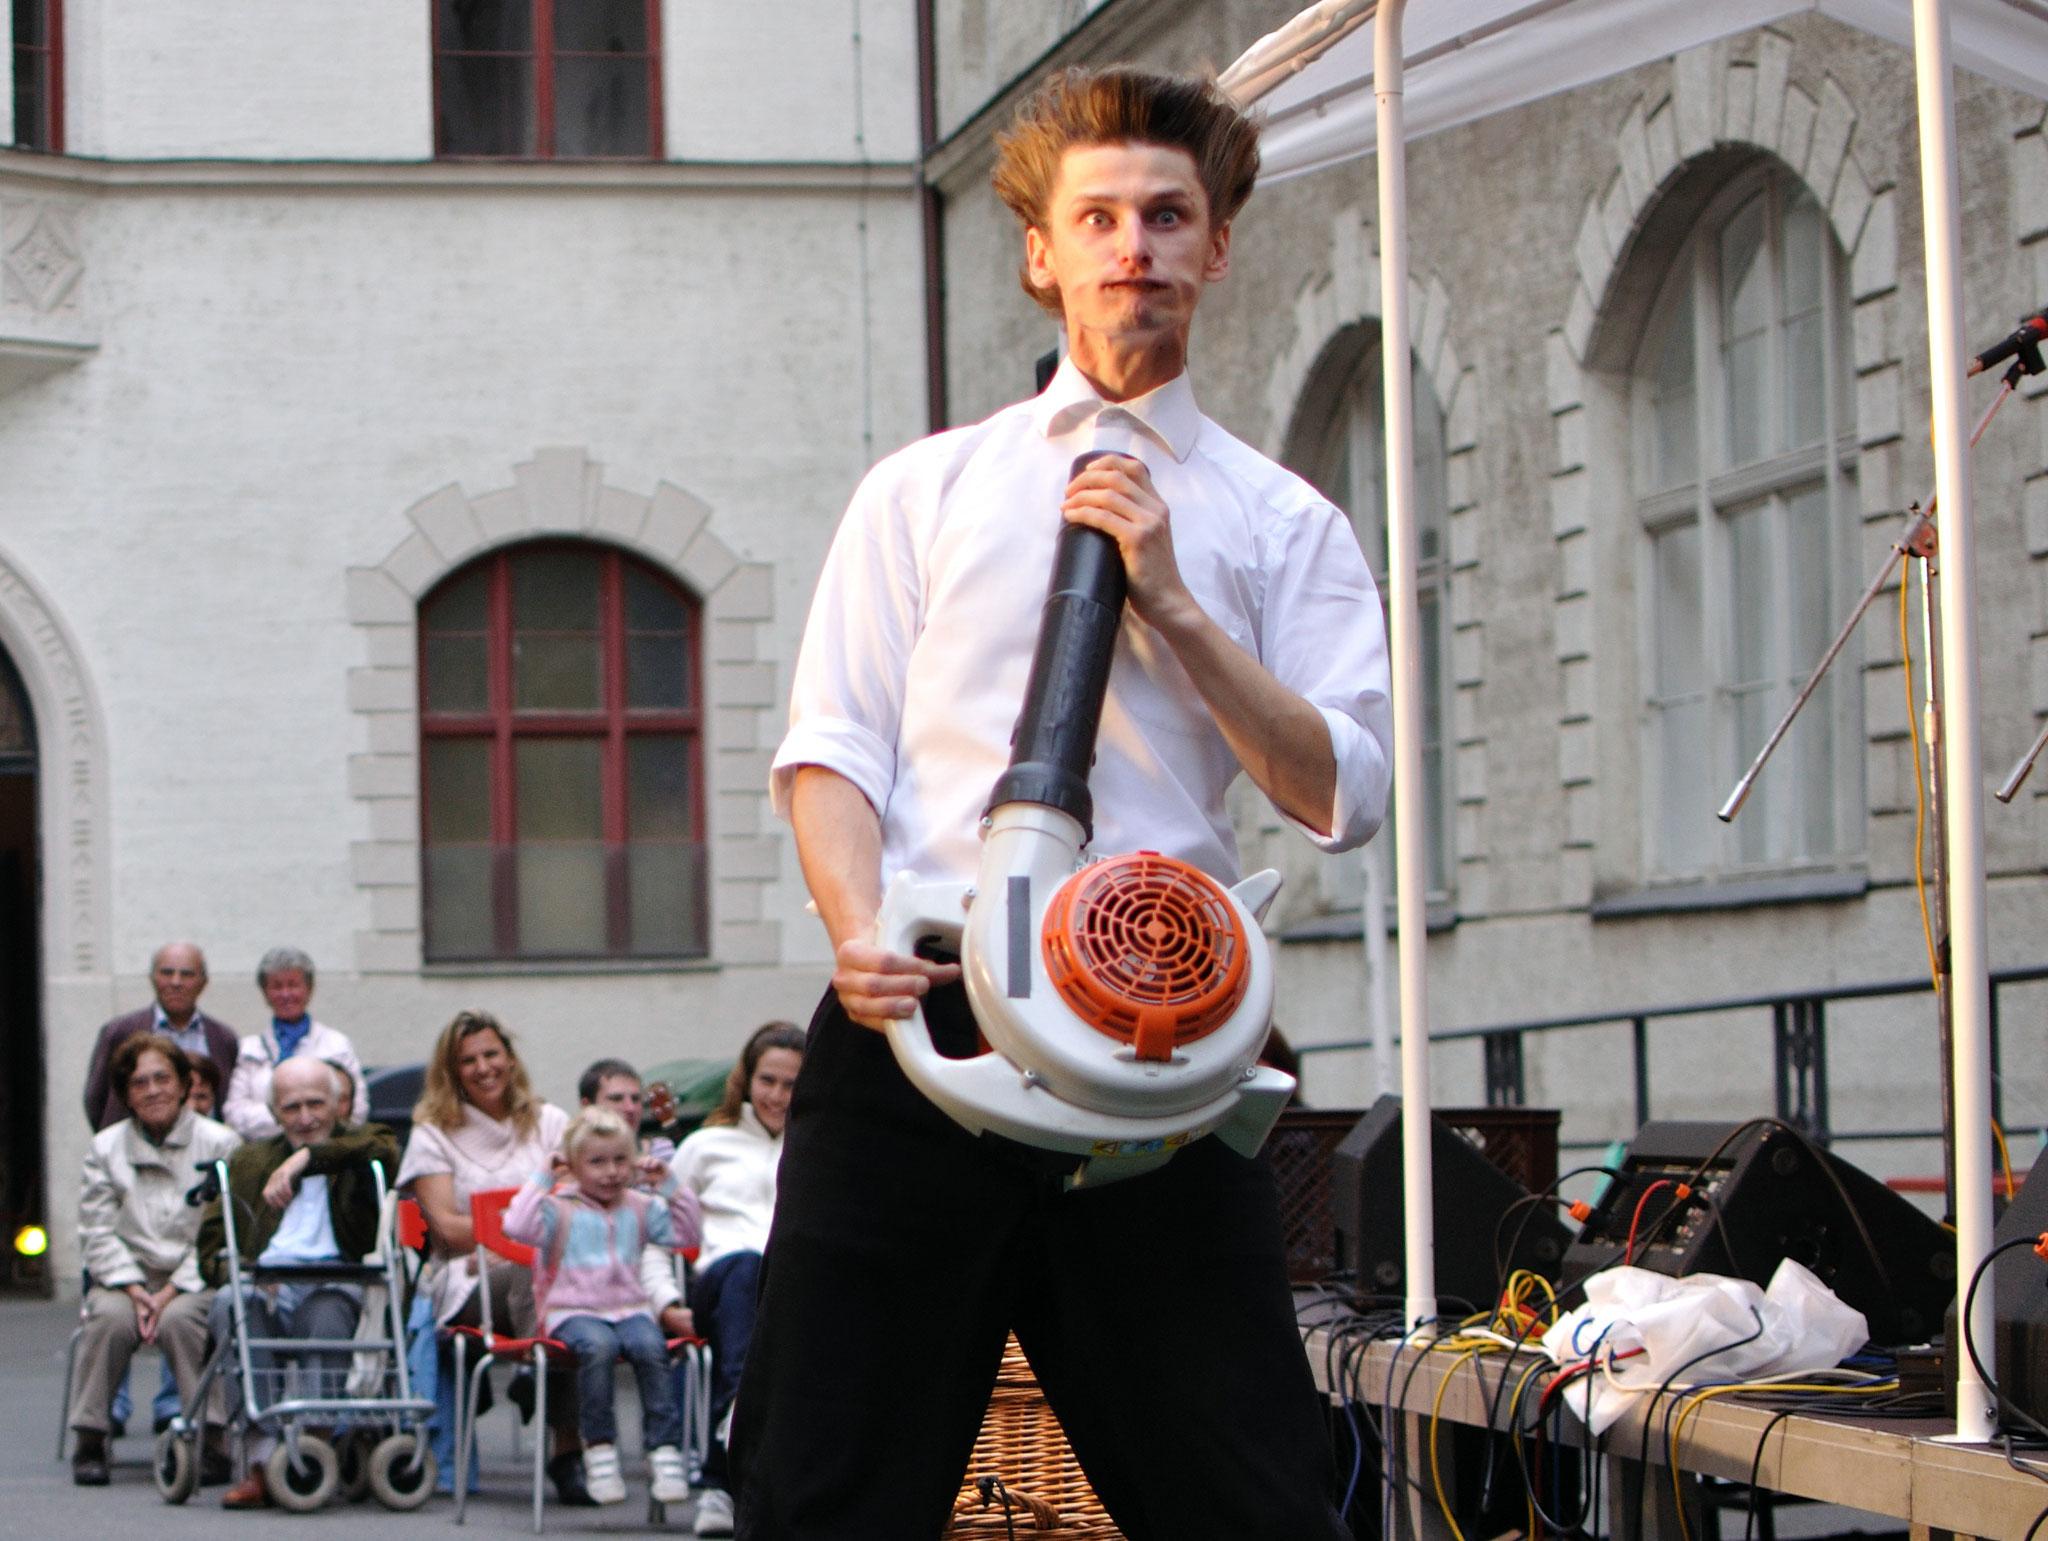 Konzerte im Bürgerhof 14.07.11 Tobi van Deisner - Freiwilligen-Zentrum Augsburg - Foto: Martin Schönberger